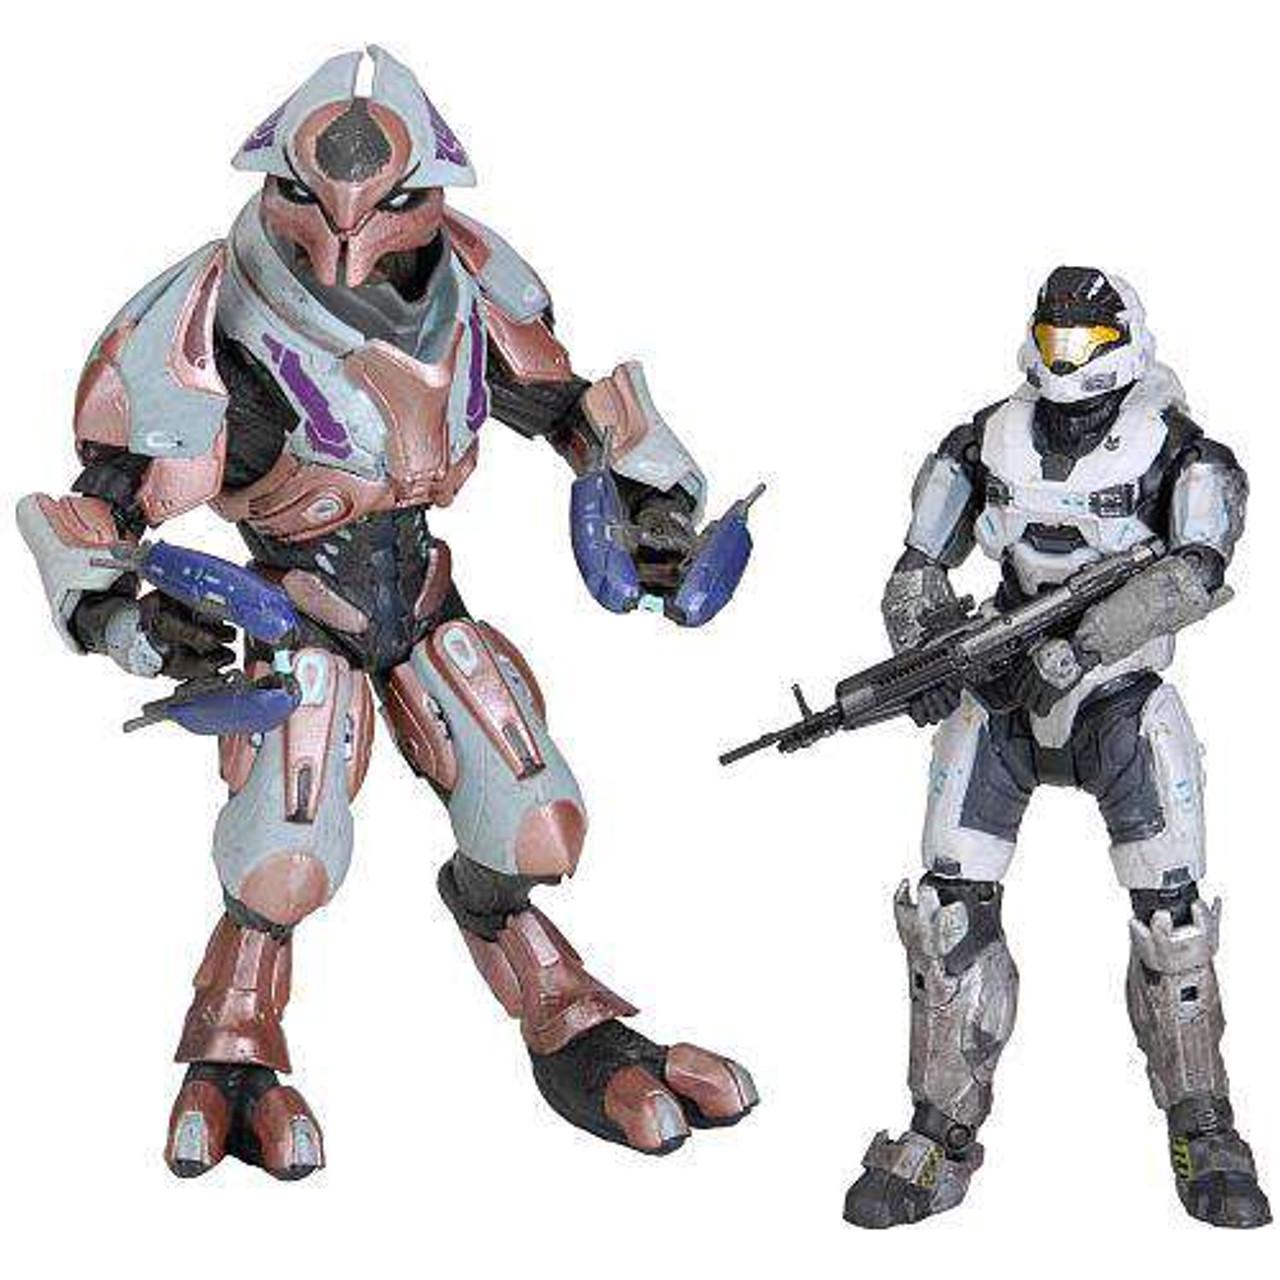 McFarlane Toys Halo Reach Halo Reach Series 1 Spartan Mark